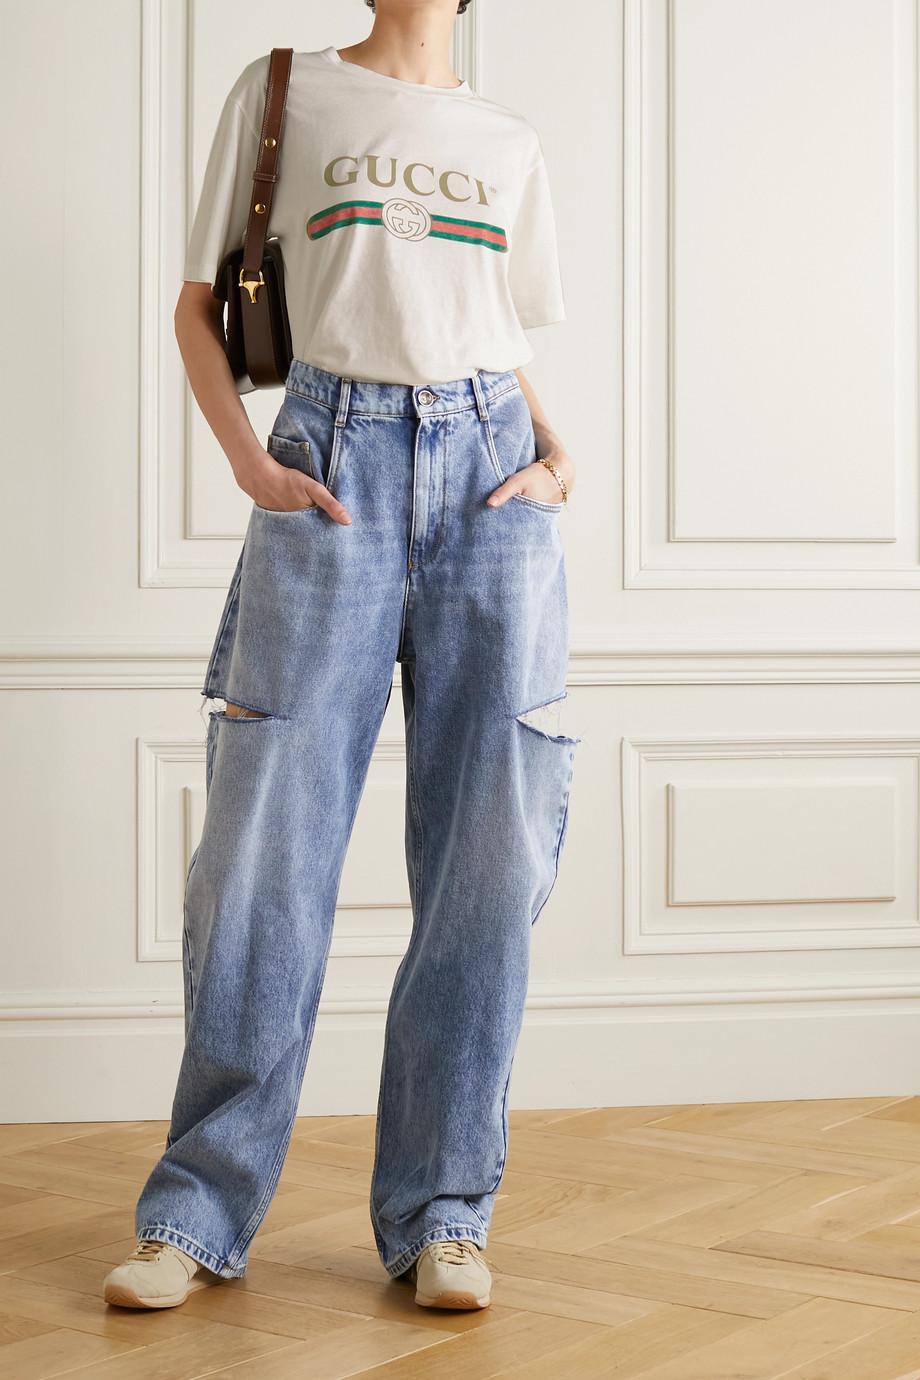 Gucci Oversized-T-Shirt aus Baumwoll-Jersey mit Print und Applikation